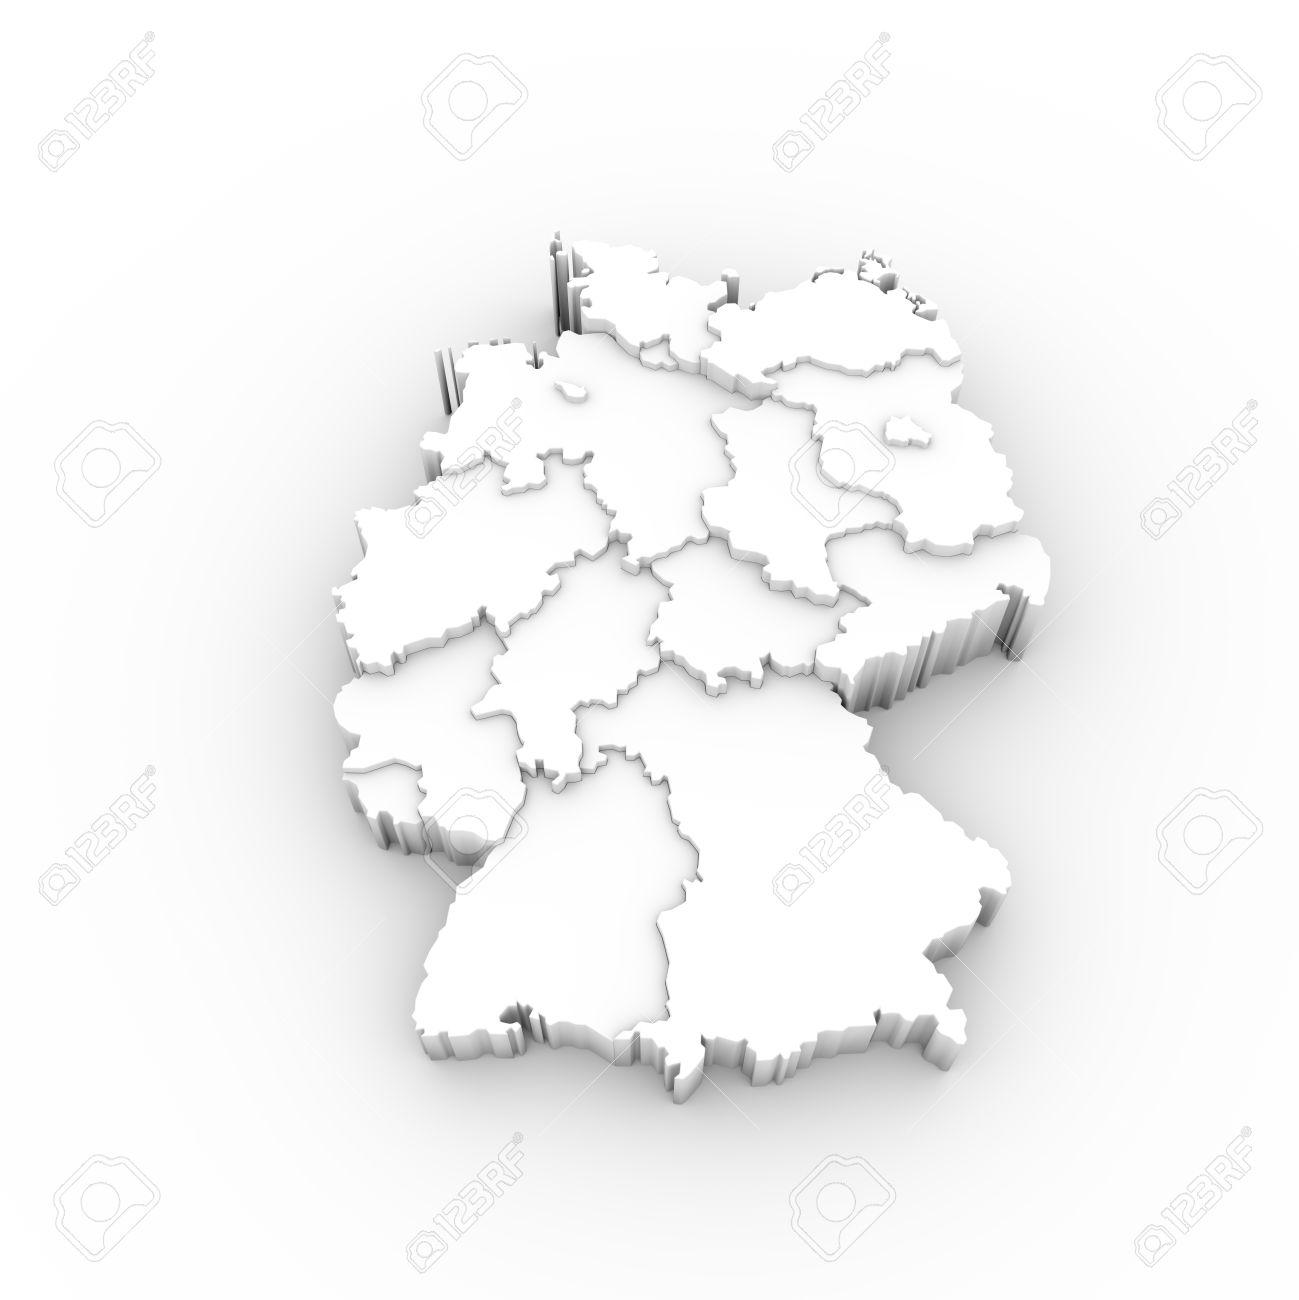 3d landkarte deutschland Deutschland Karte 3D Weiß Mit Staaten Schrittweise Und Clipping